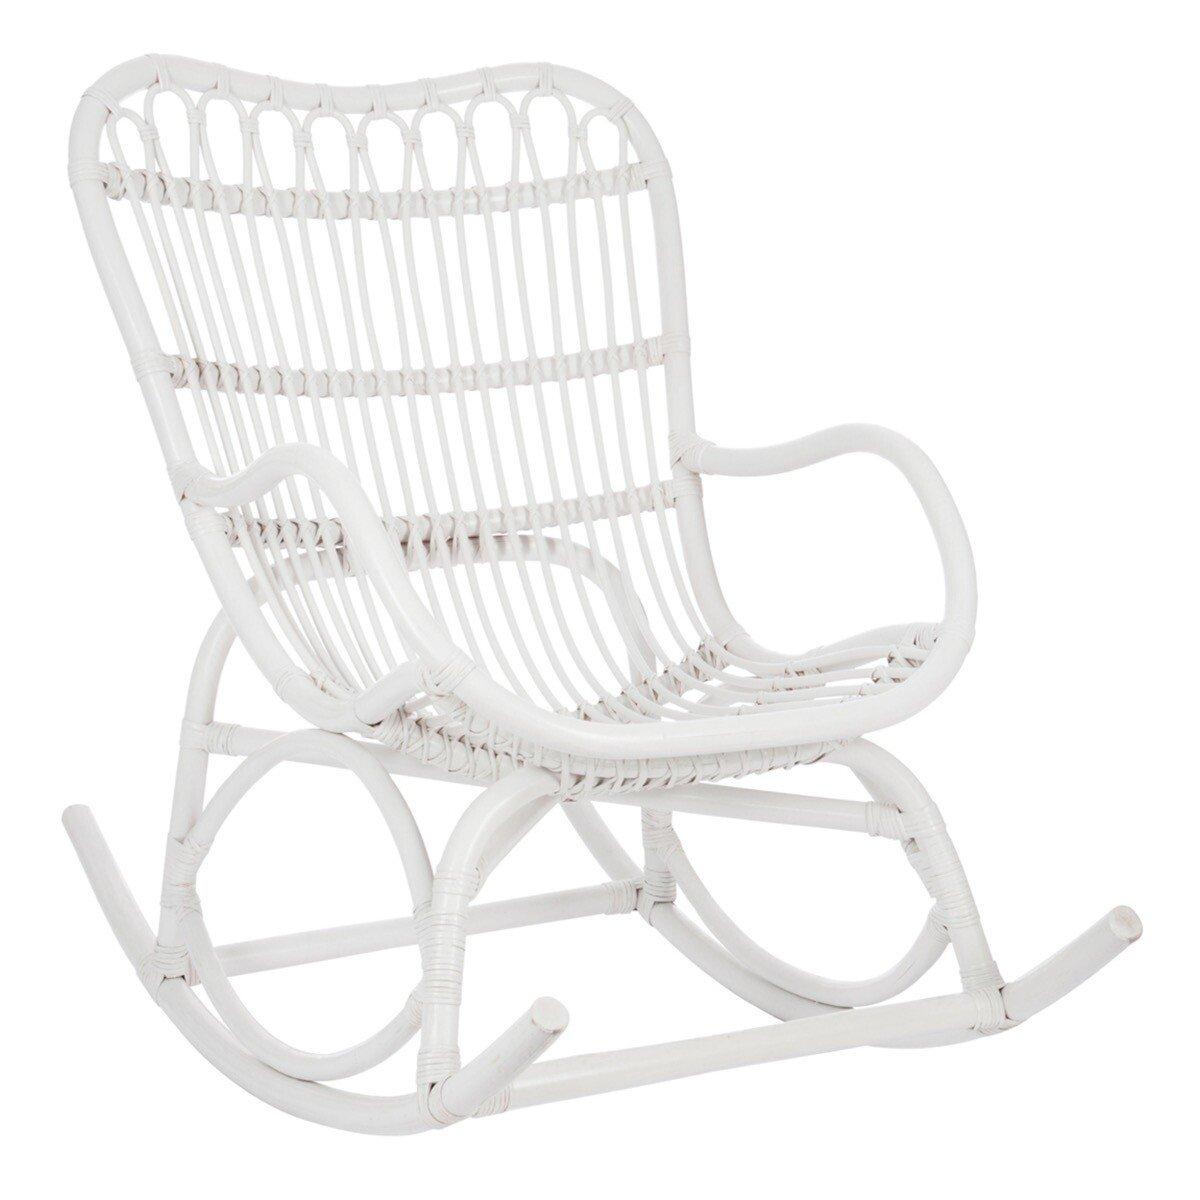 J-Line schommelstoel scandi rotan wit 93 x 66 x 110